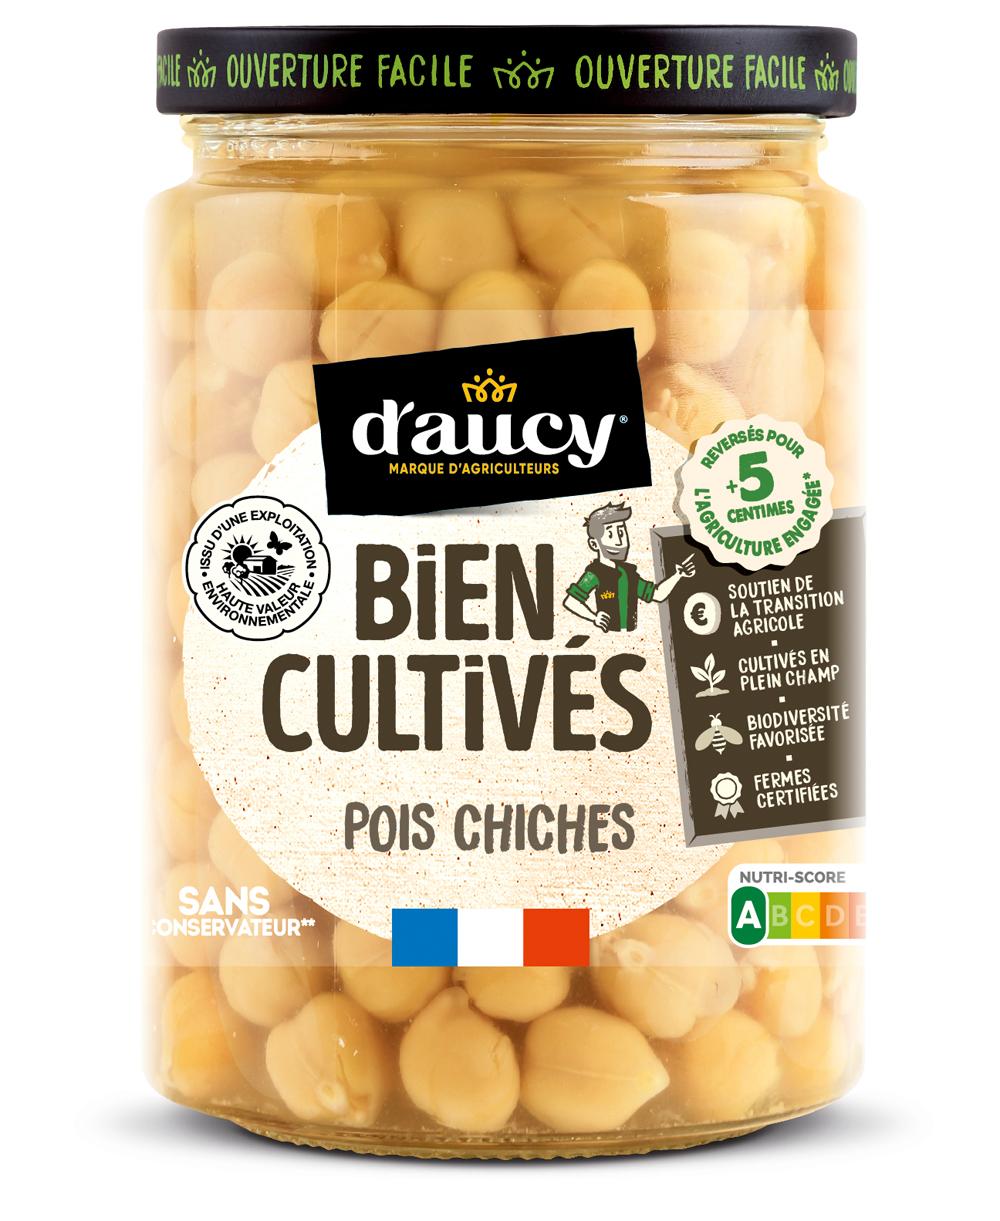 daucy01 - « Bien Cultivés » de d'aucy, la nouvelle gamme de légumes issus d'exploitations certifiées H.V.E.